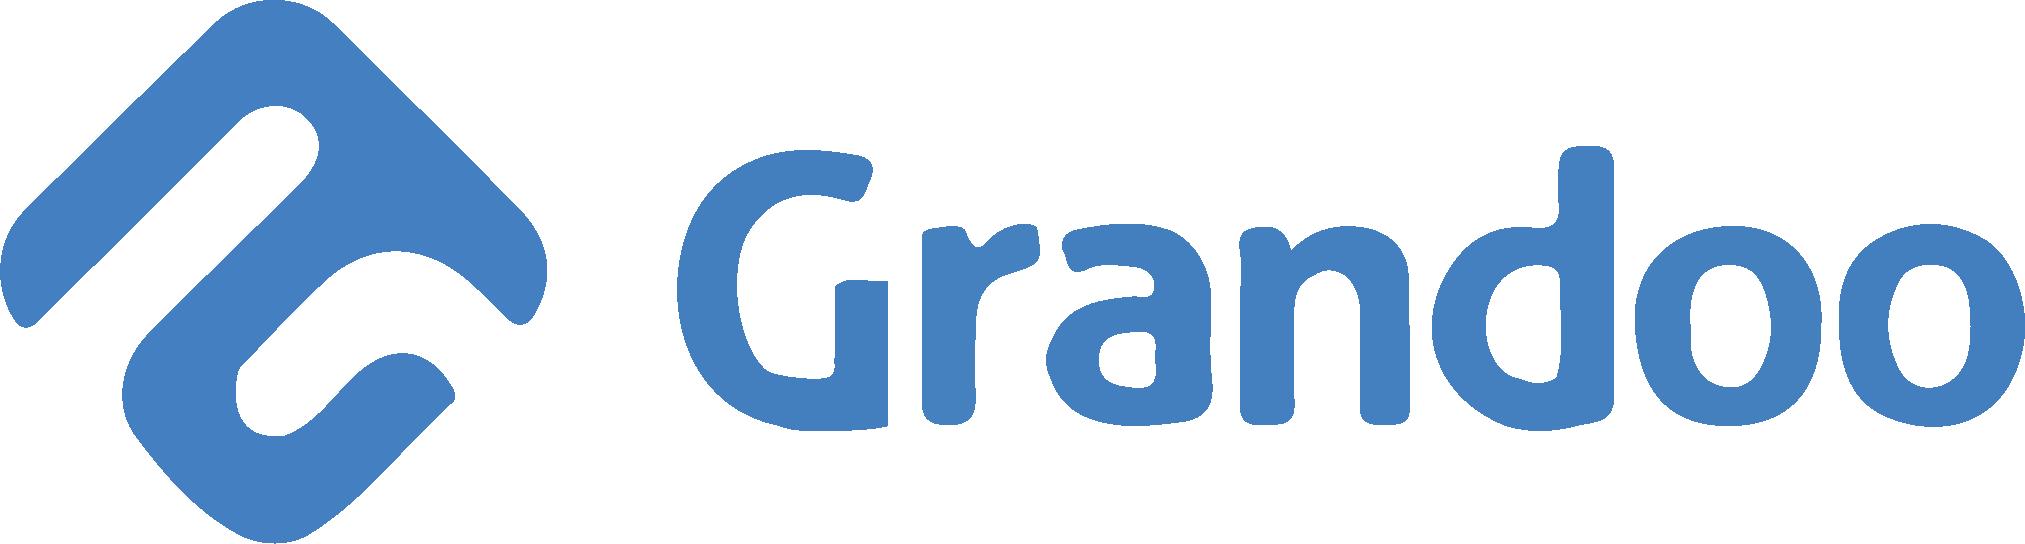 გრანდო - აიღე სესხი grandoo.ge- ზე